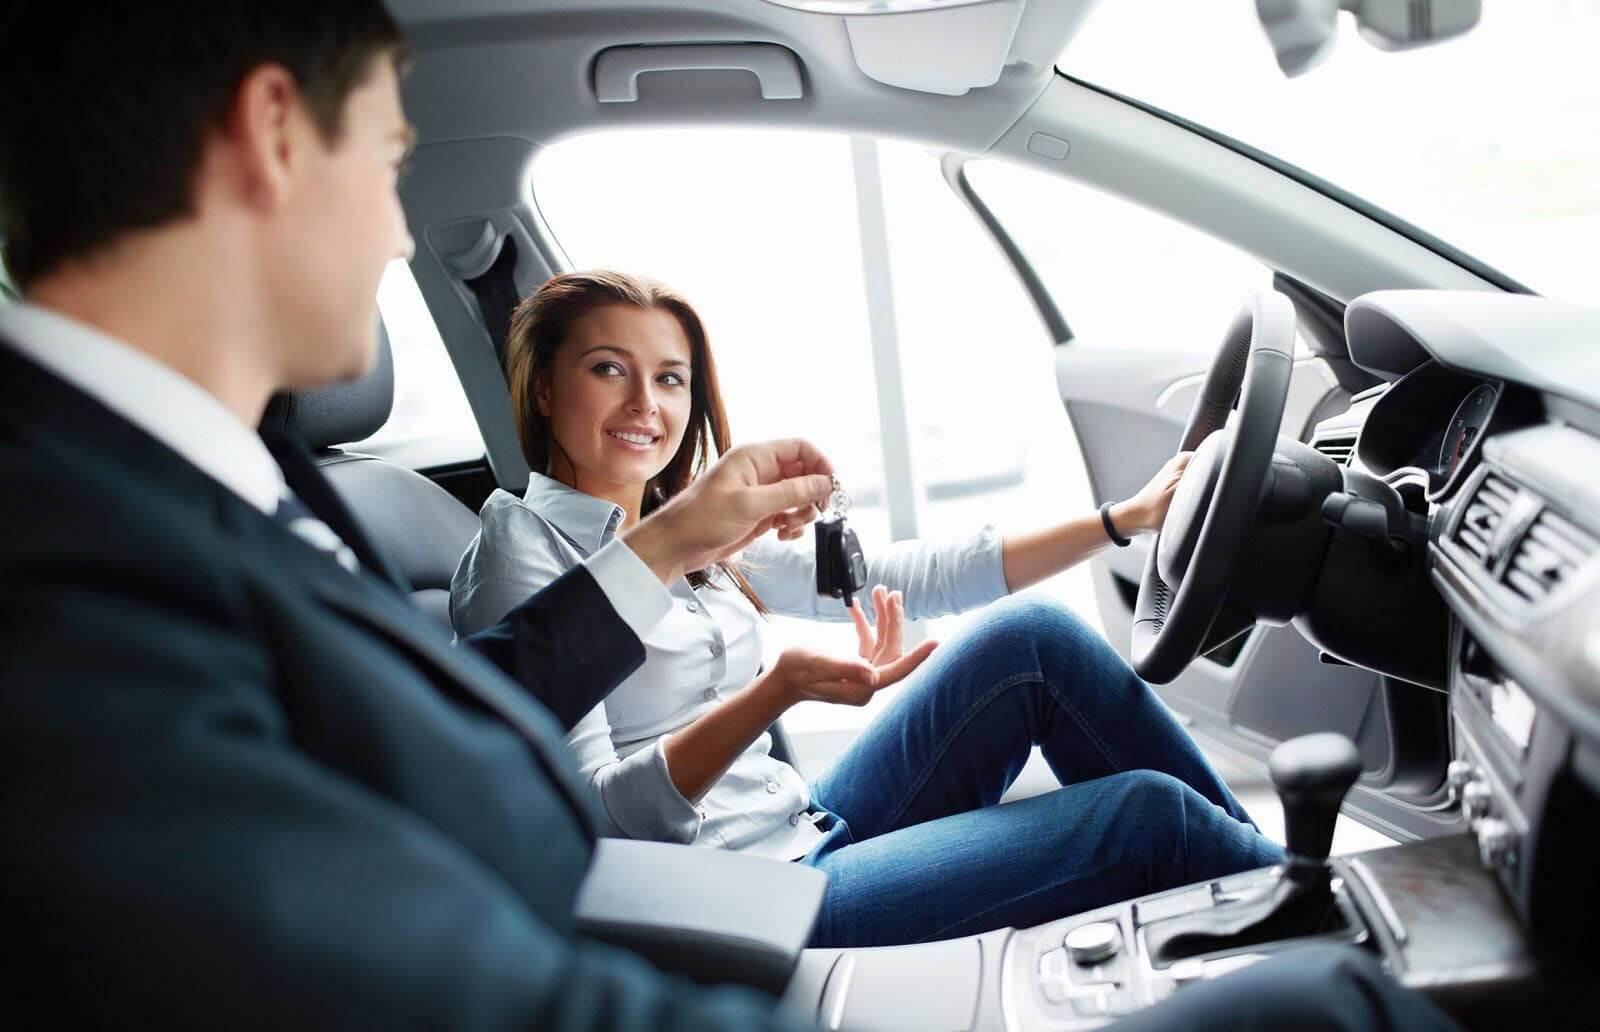 Аренда автомобилей: как выбрать подходящую машину?